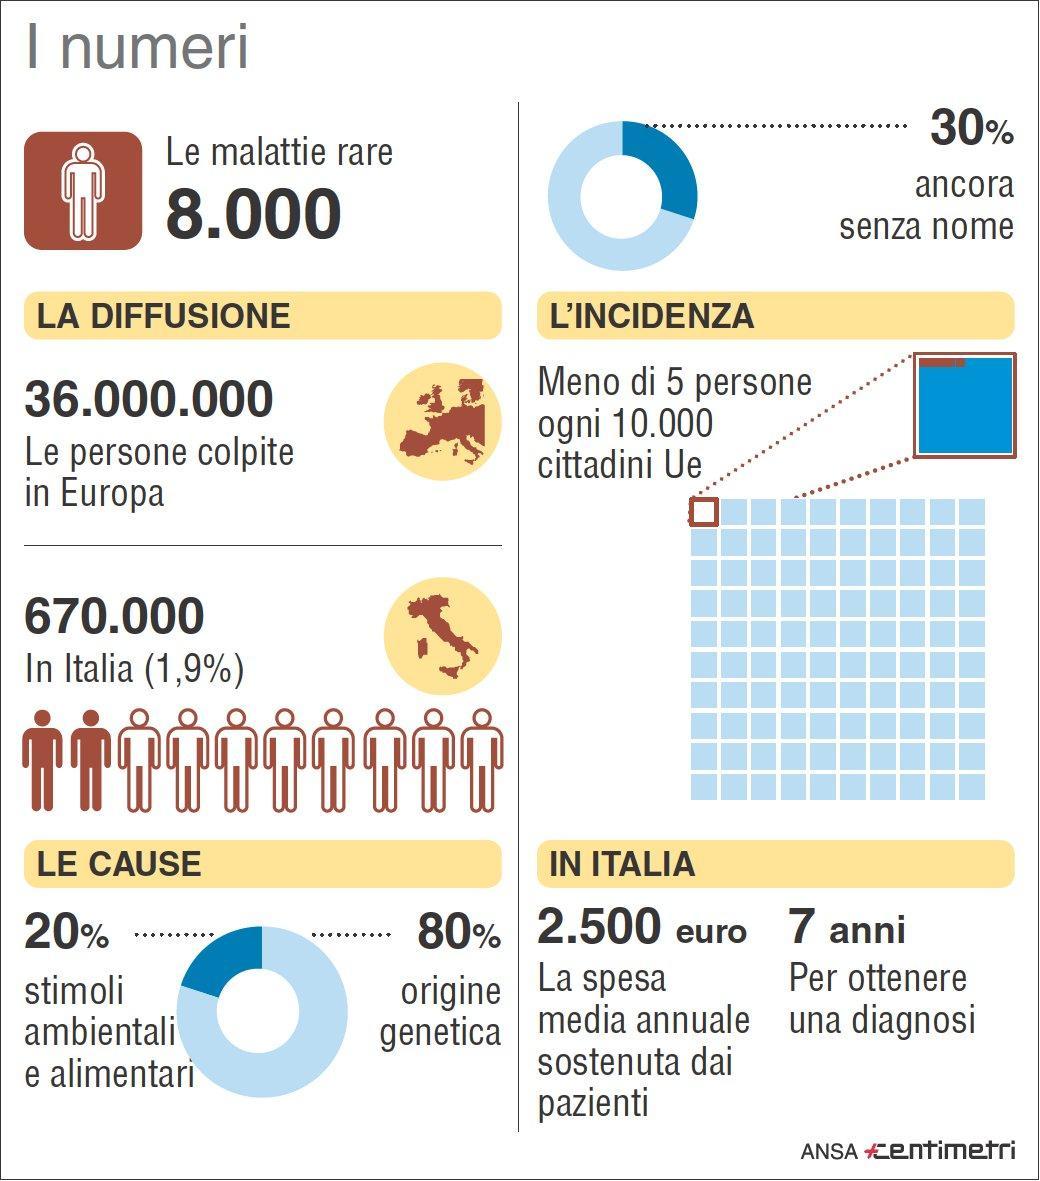 Malattie rare, i numeri nel nostro Paese